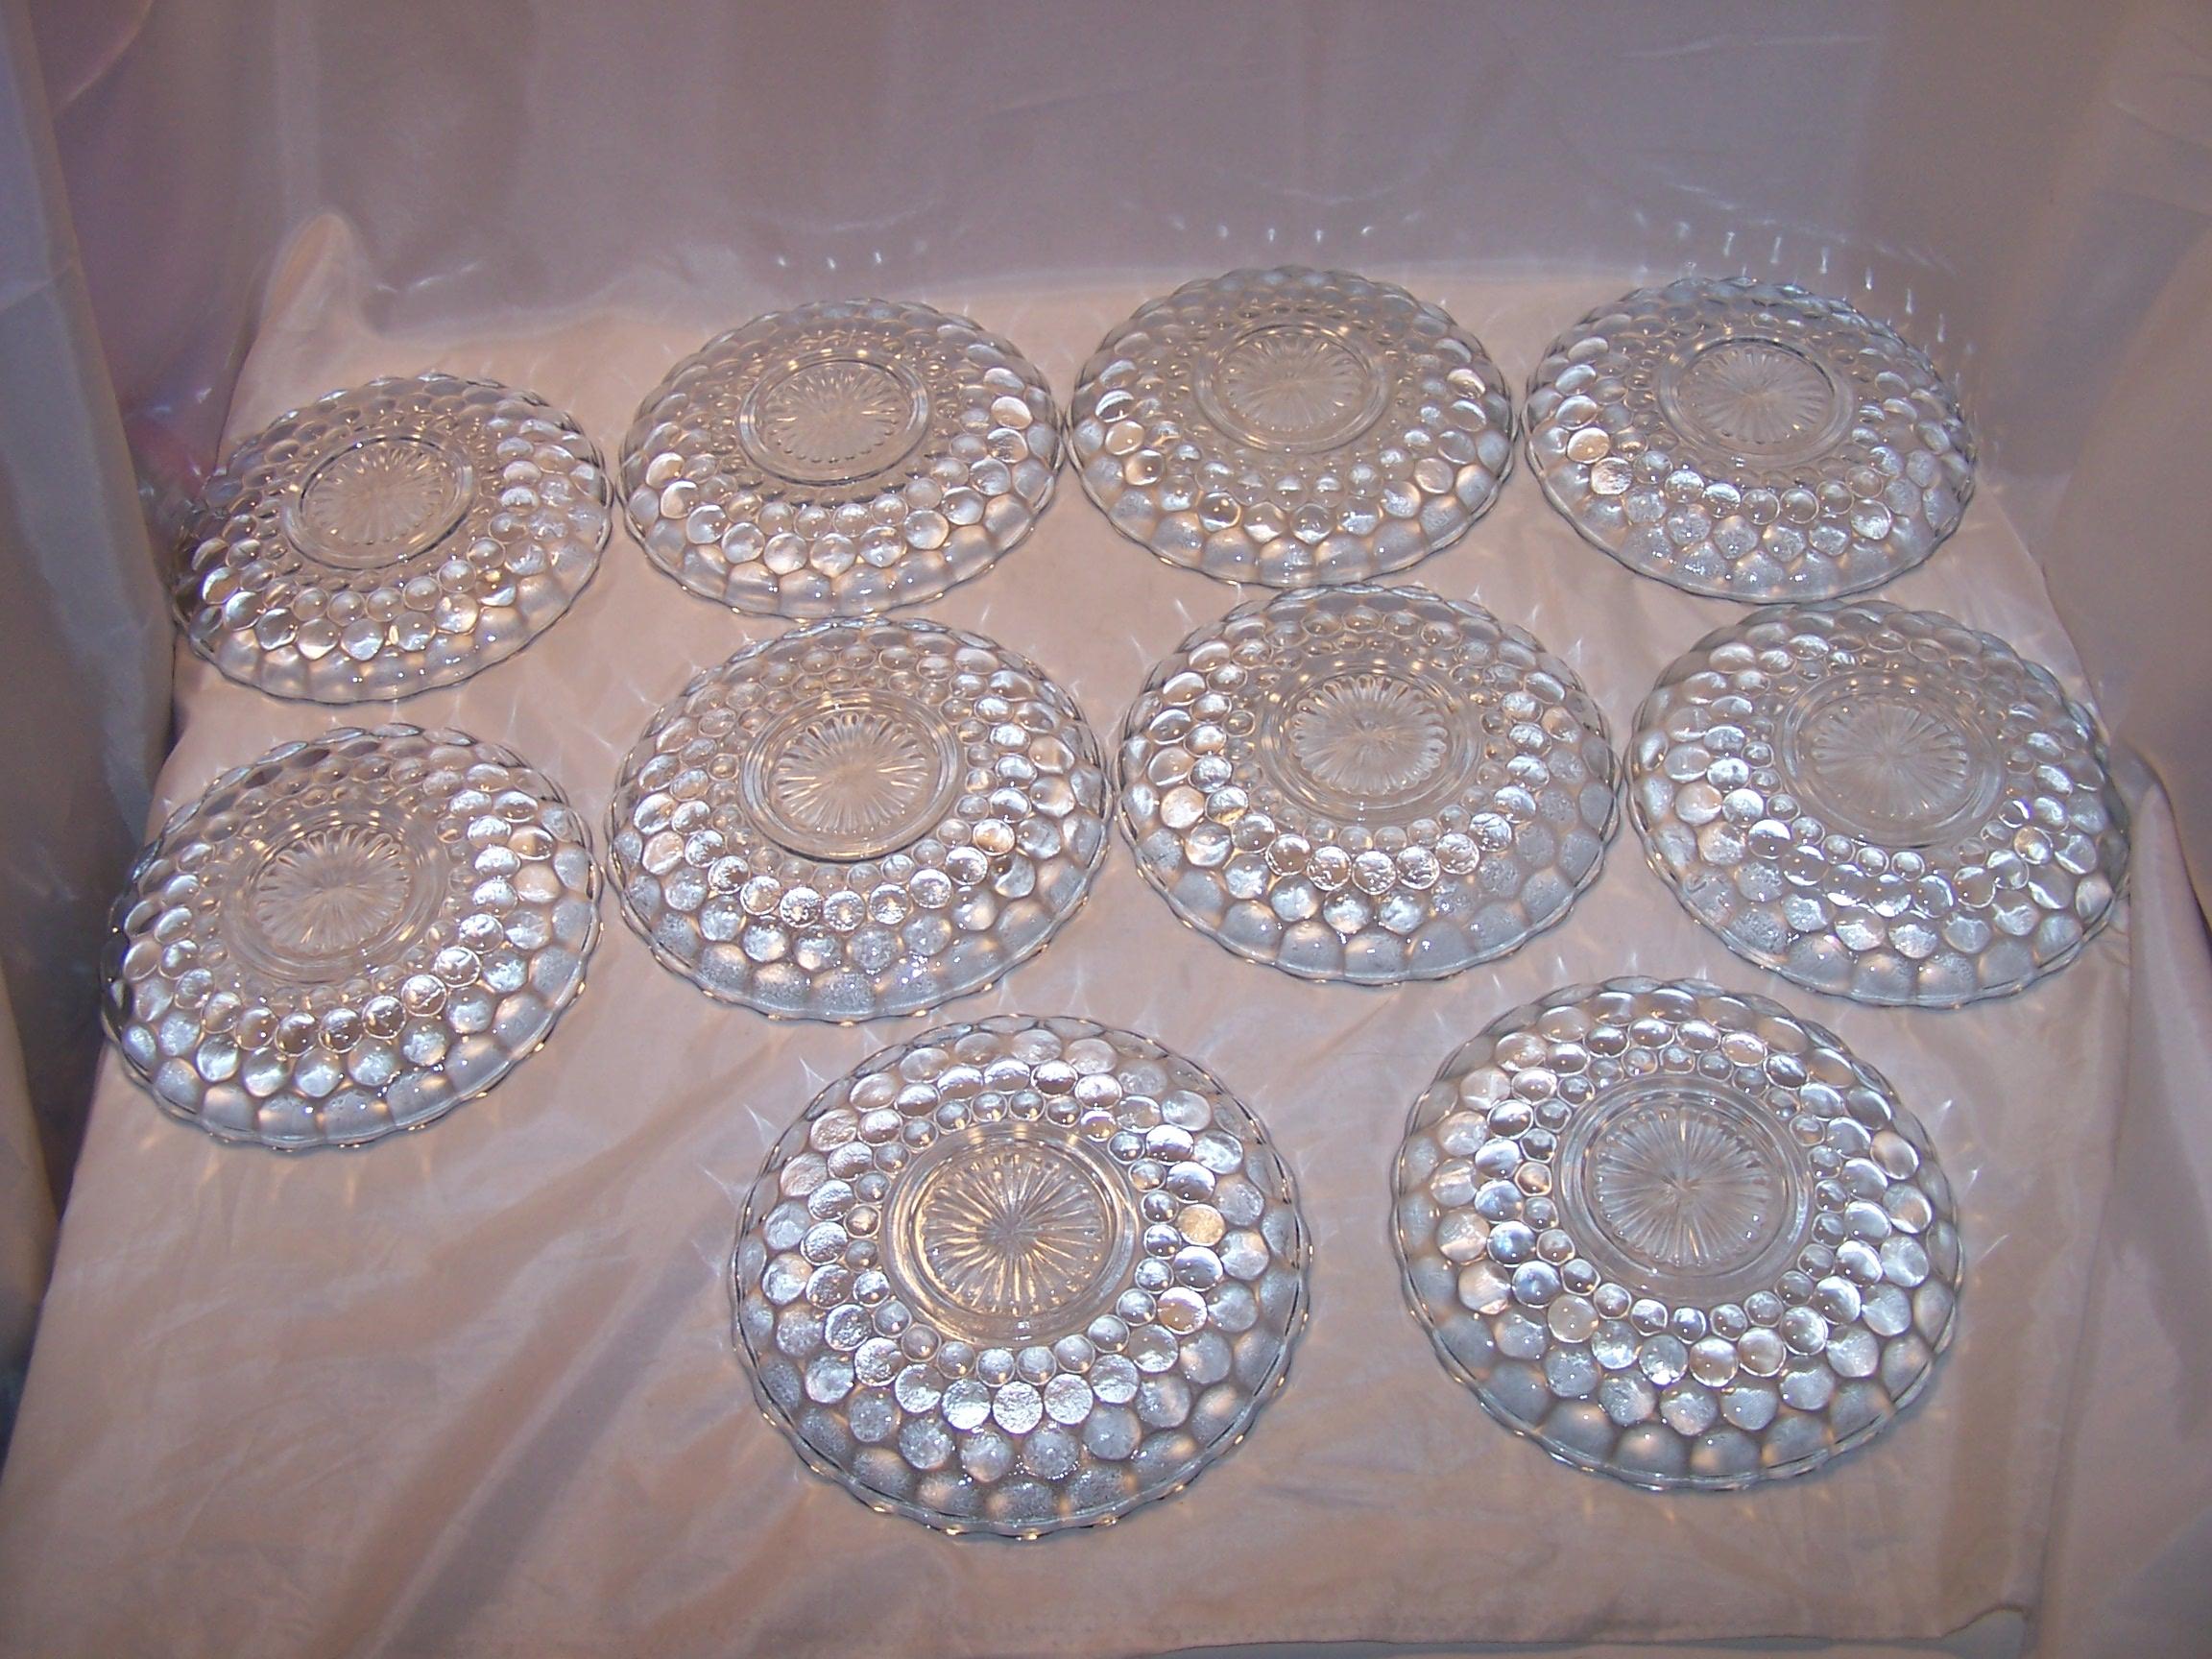 Image 2 of Hobnail Glass Teacup, Saucer Service for 10, Vintage